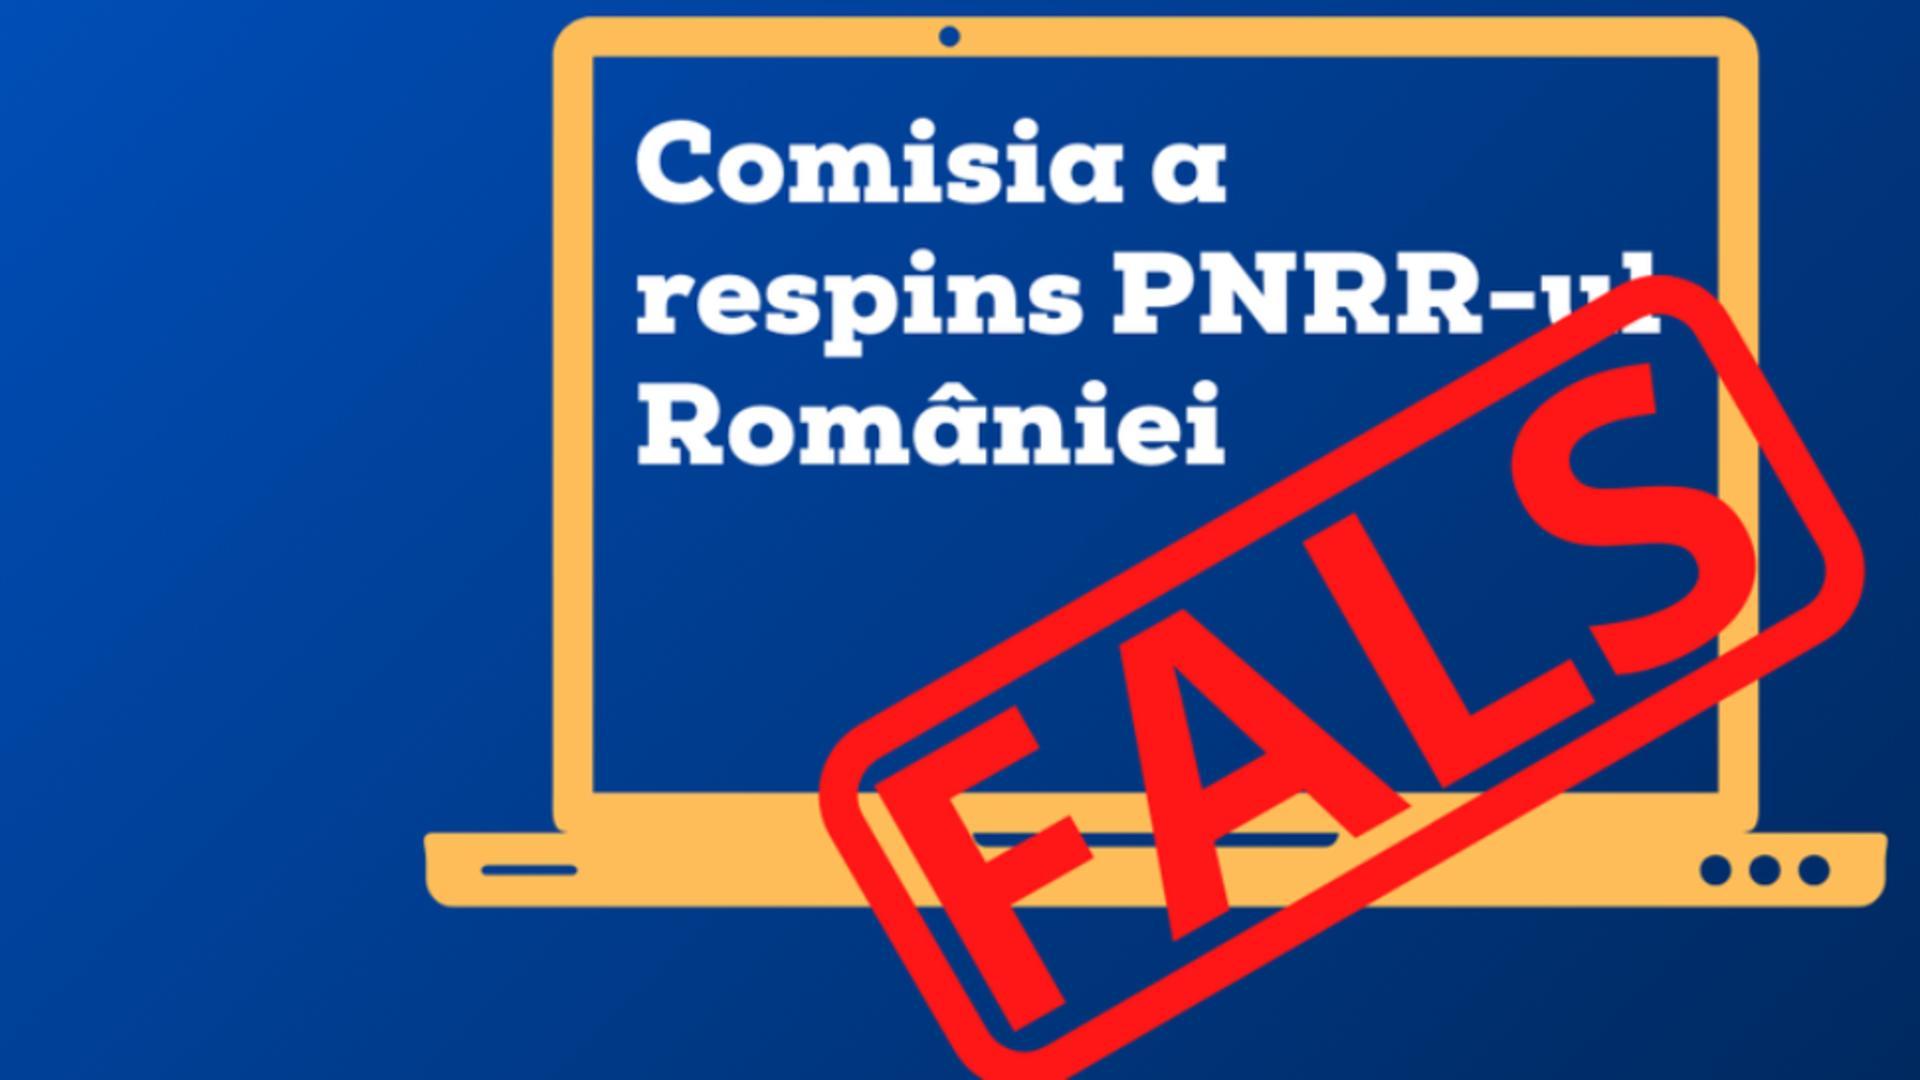 Comisia Europeană, ANUNȚ despre PNRR - DETALII despre evaluarea Planului și ultima solicitare a României